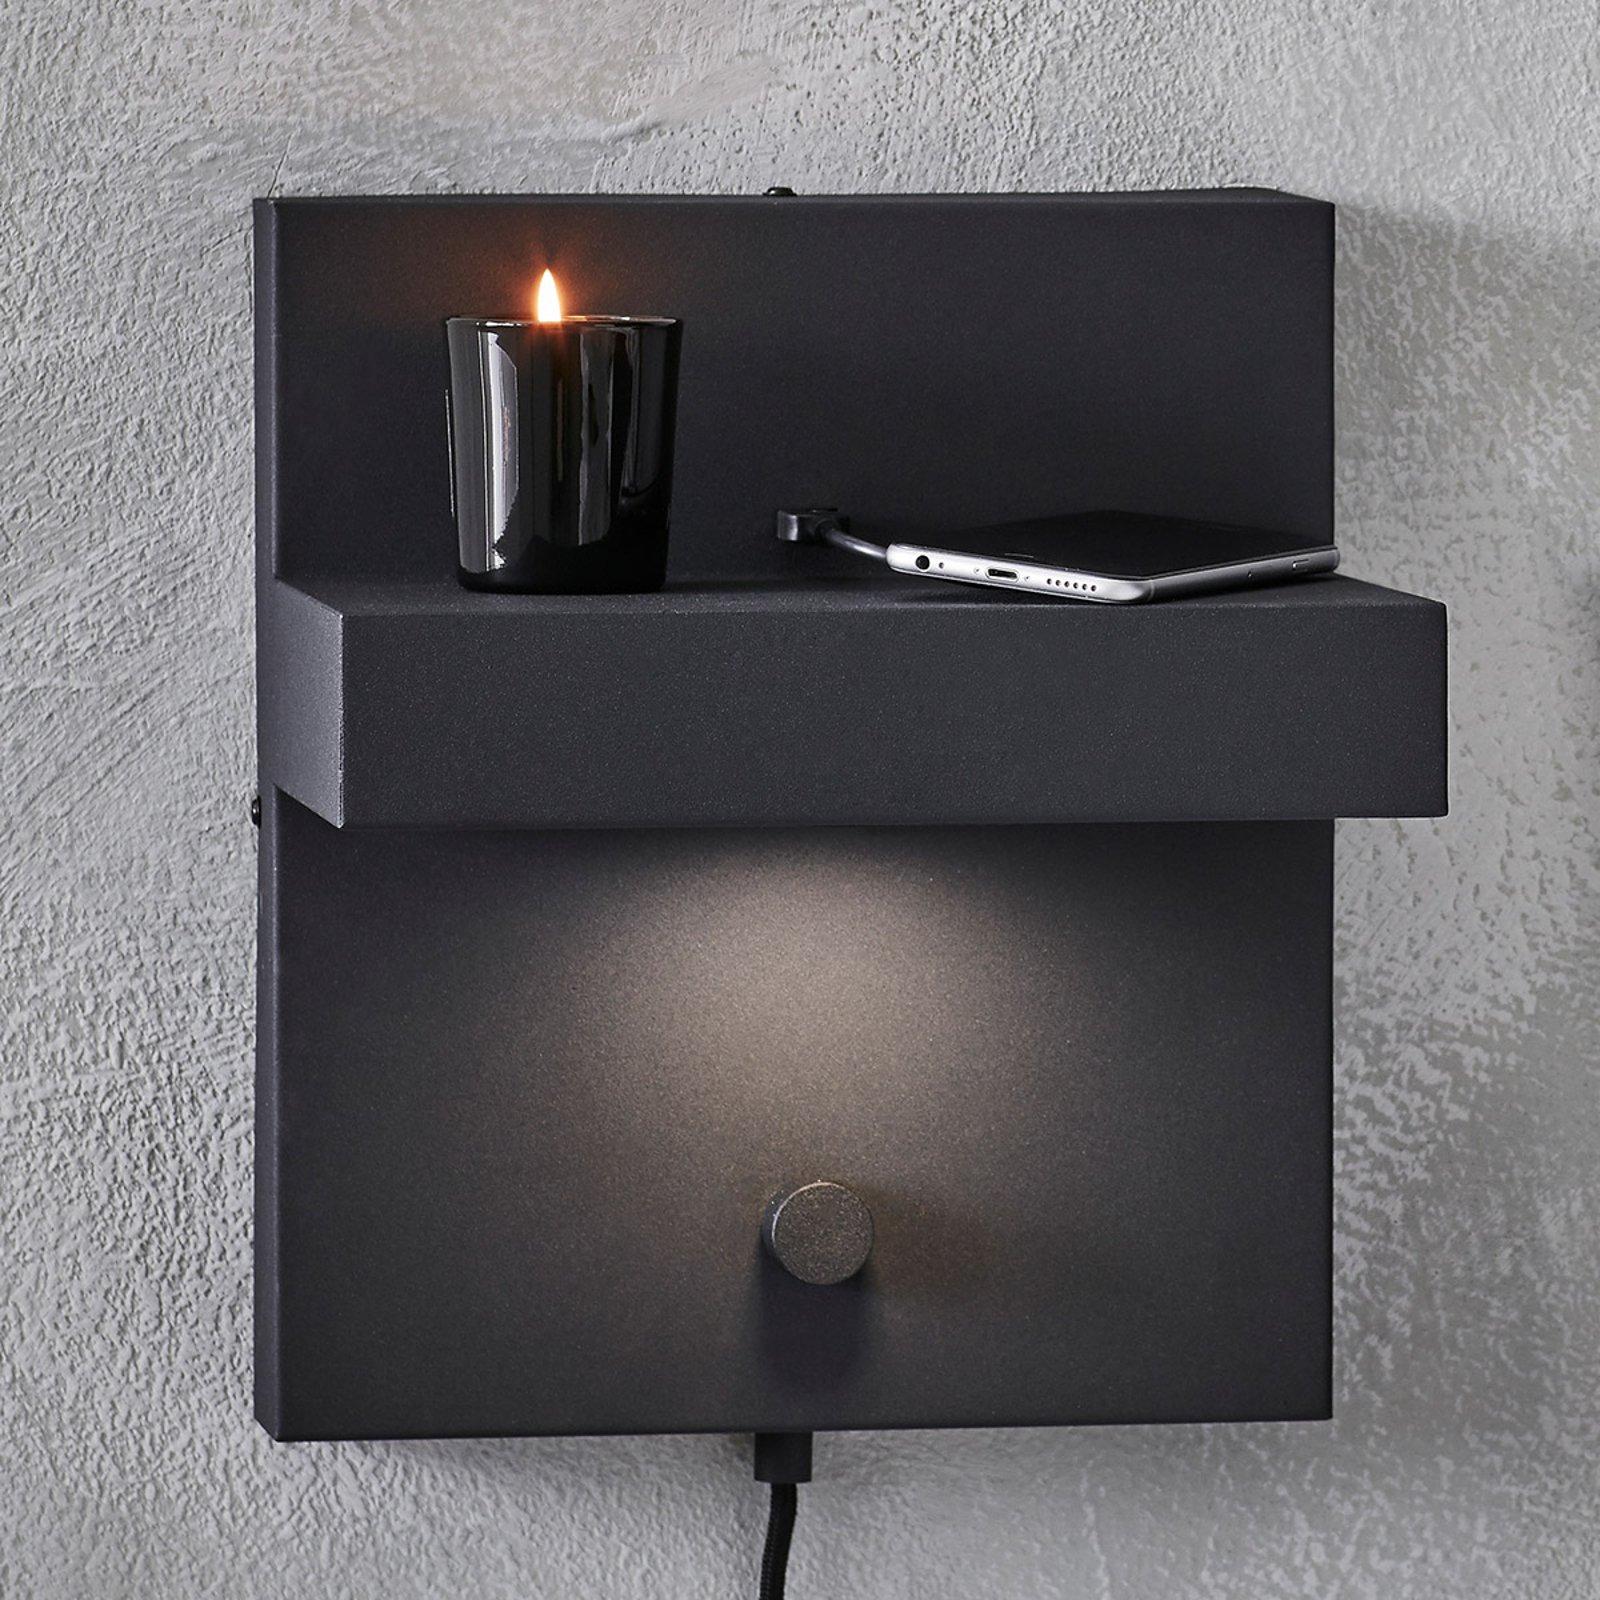 LED-vegglampe Kubik med USB-ladekontakt, svart